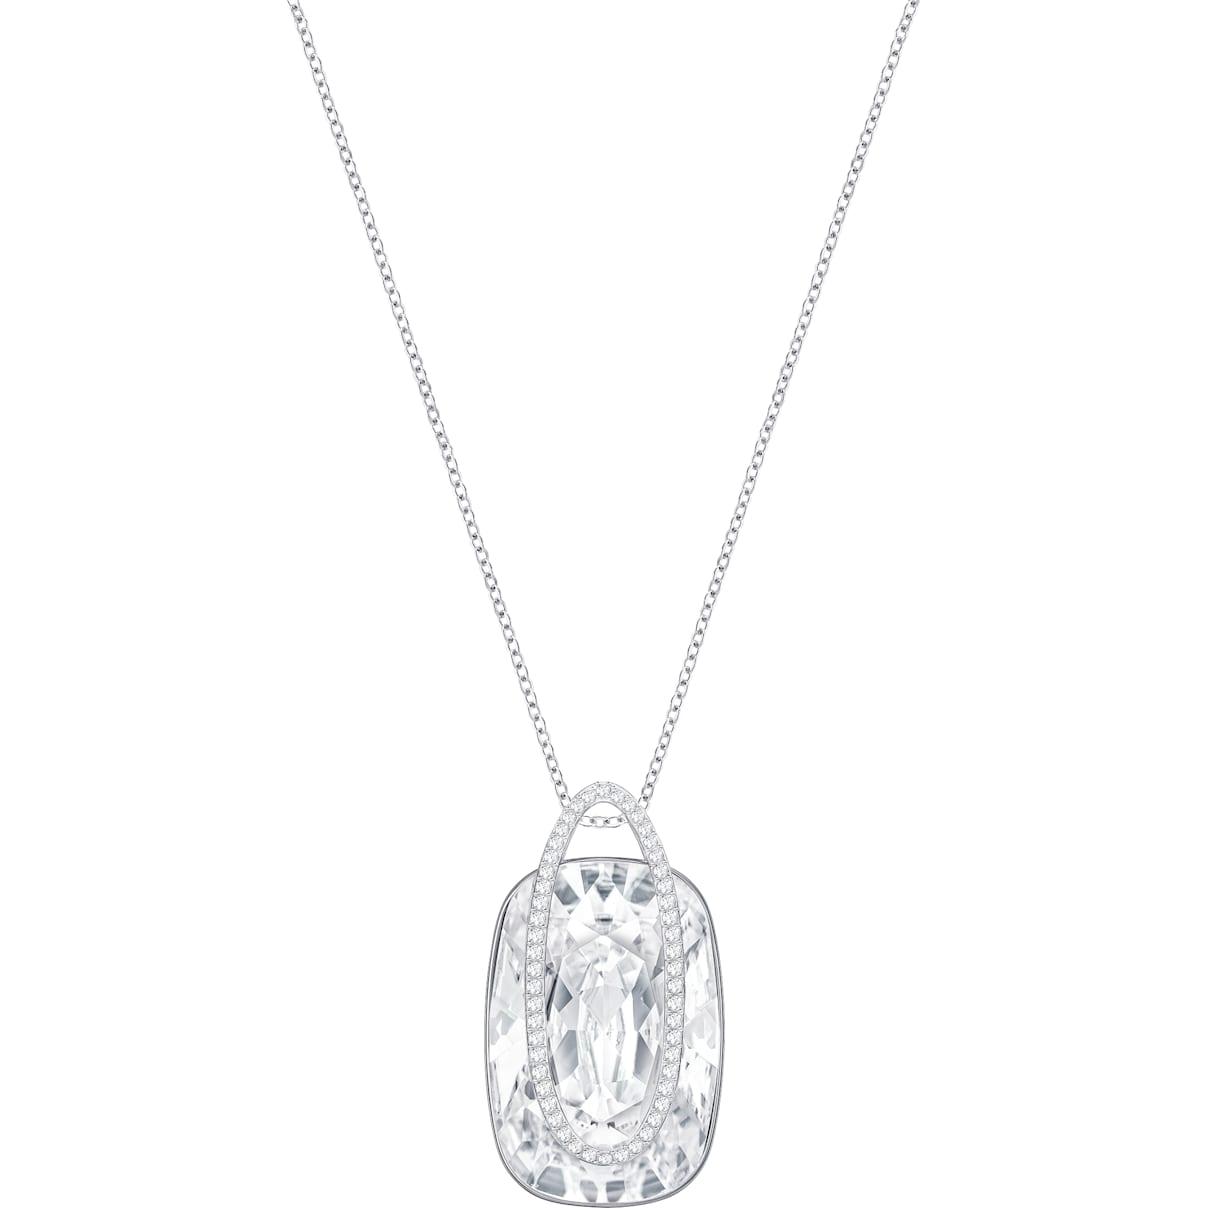 Swarovski Holding Necklace, White, Rhodium plating